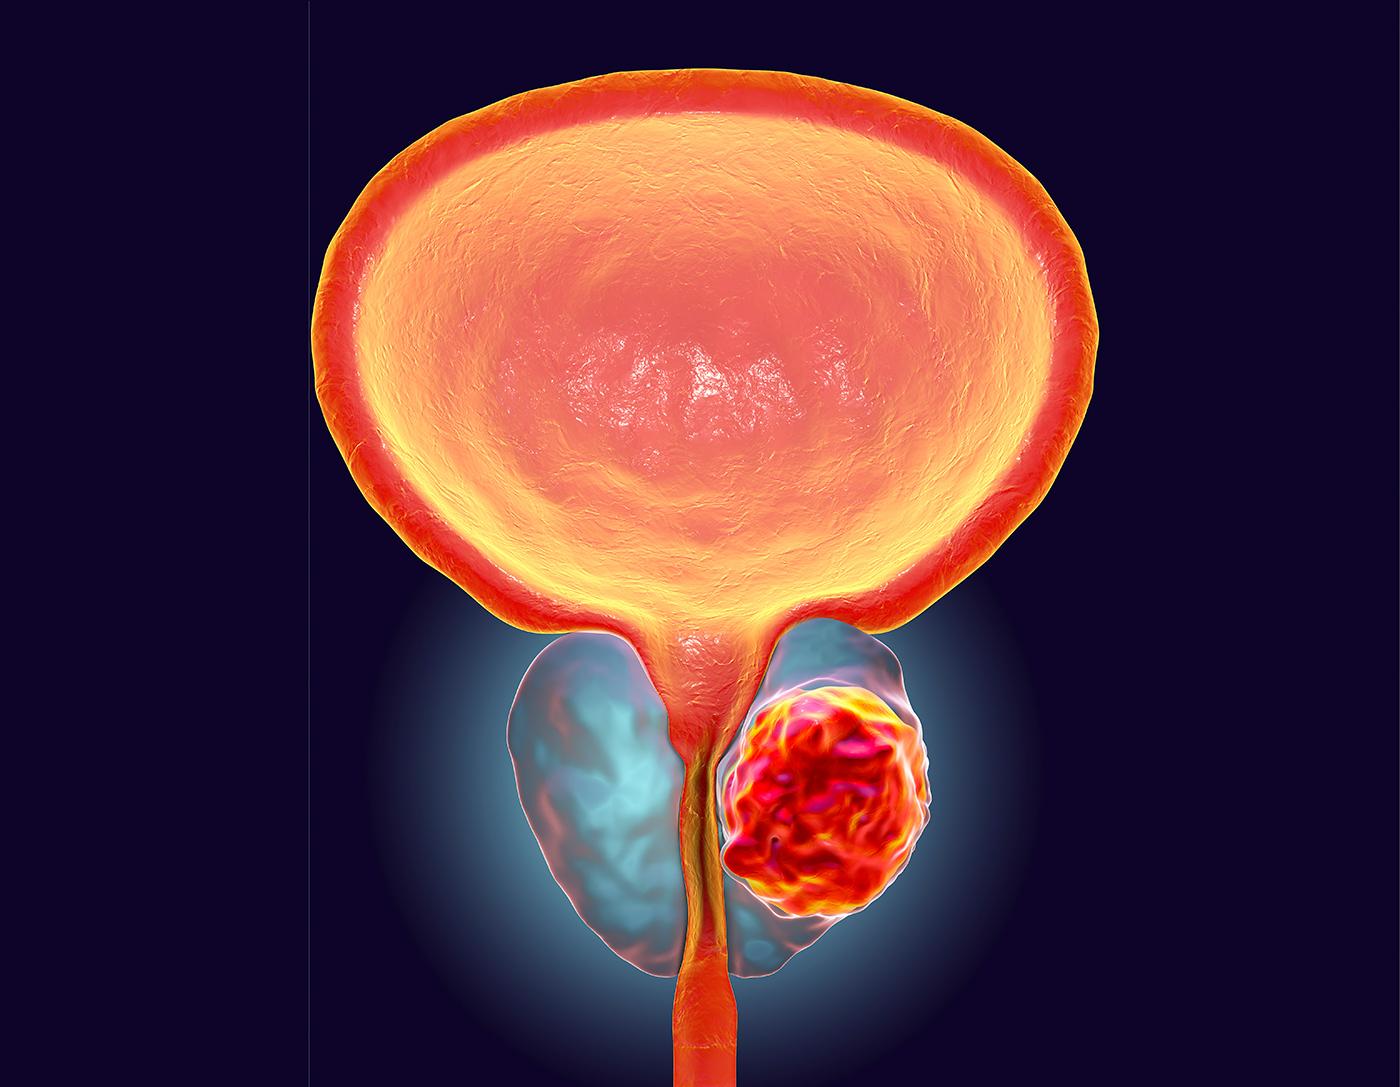 Cancerul agresiv de prostata, detectat la timp printr-un nou test de sange